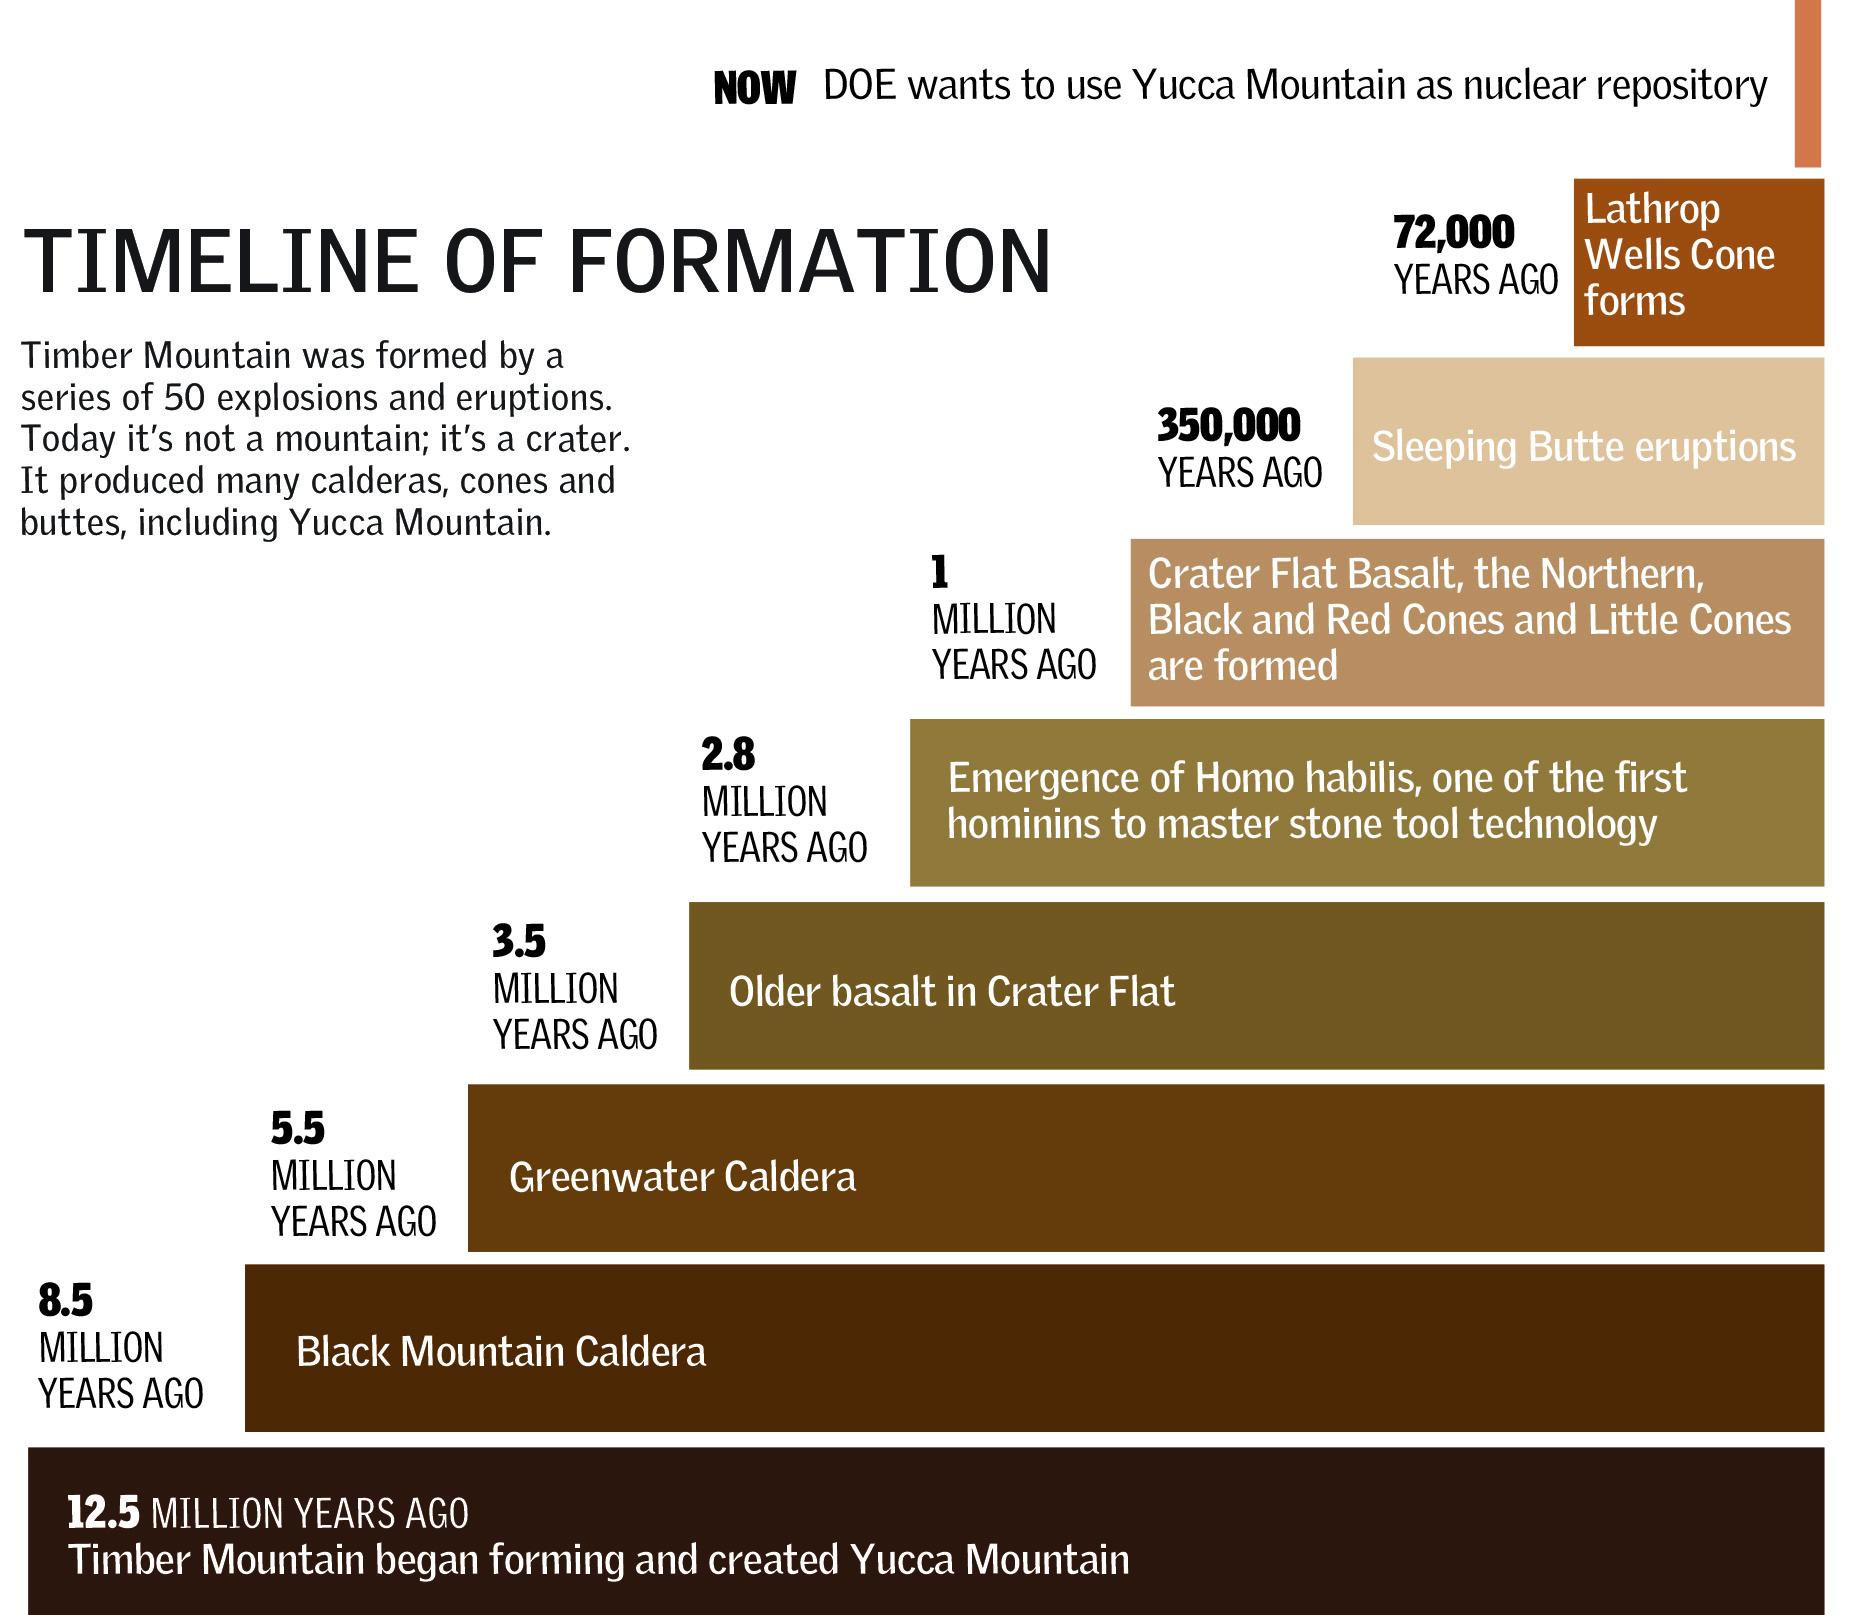 Timeline of Formation